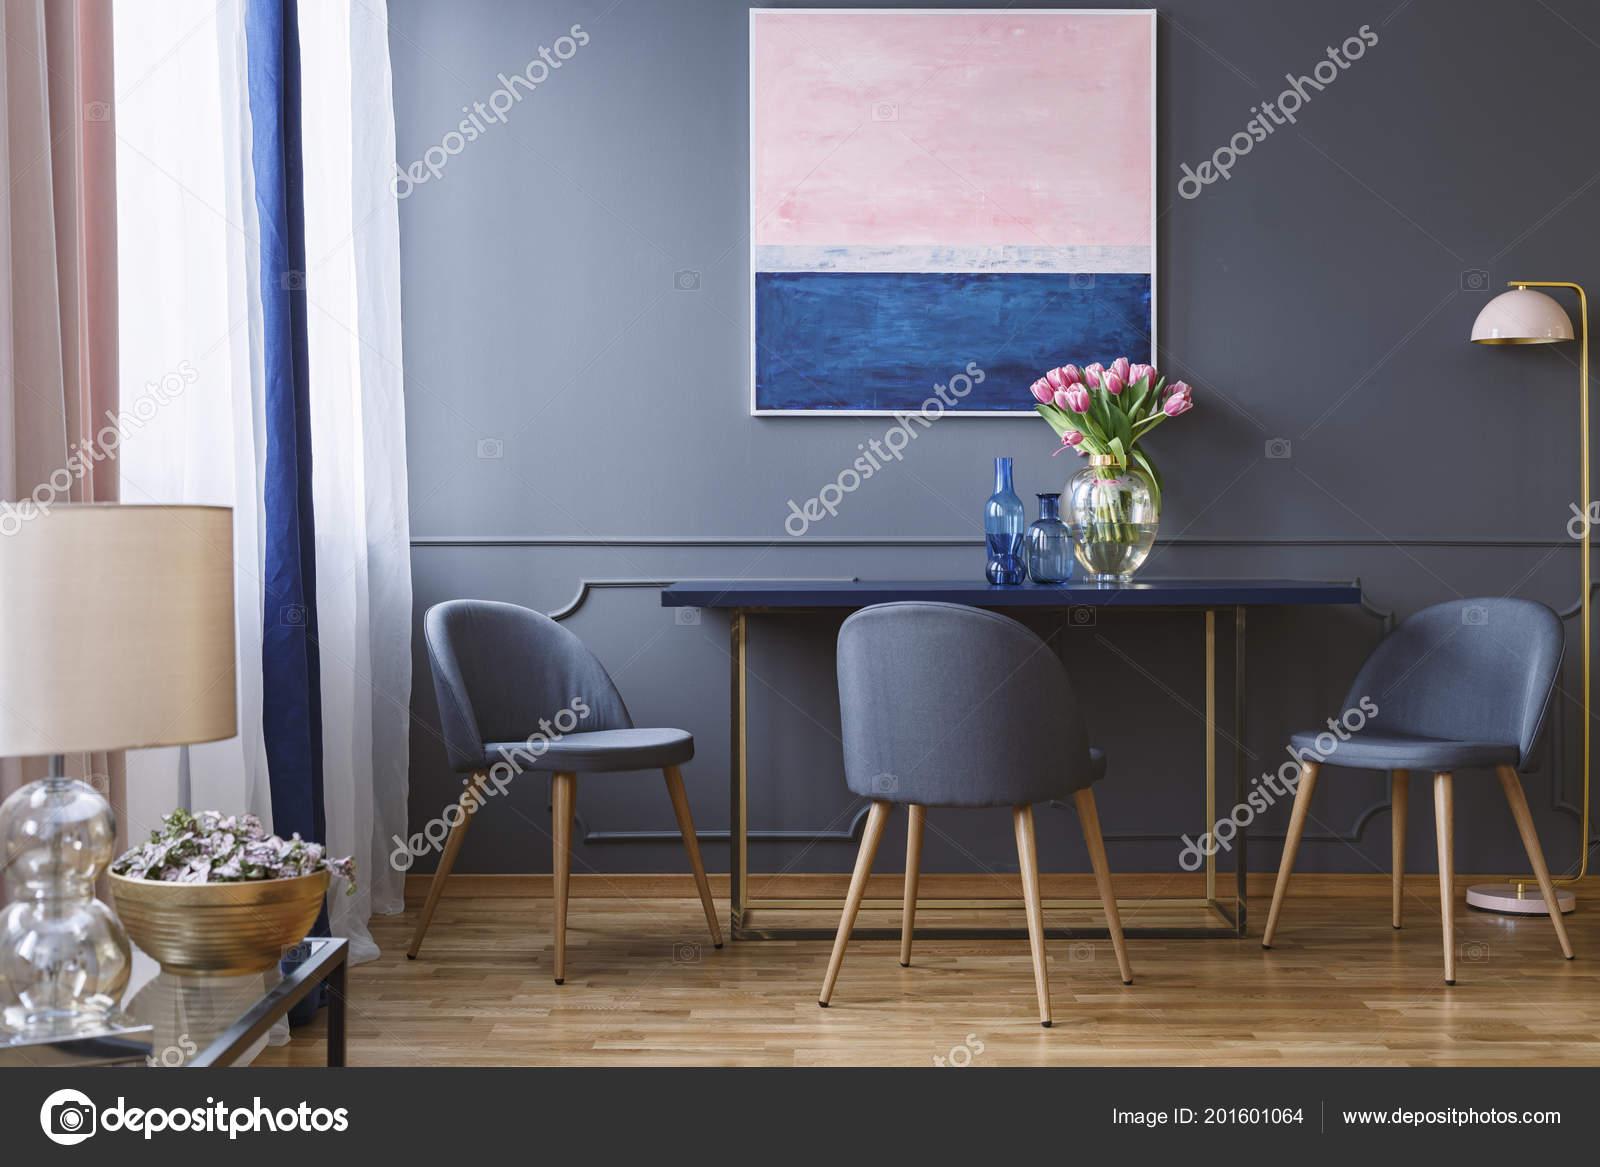 Rosa Flores Sobre Mesa Comedor Interior Con Pinturas Gris Sillas ...